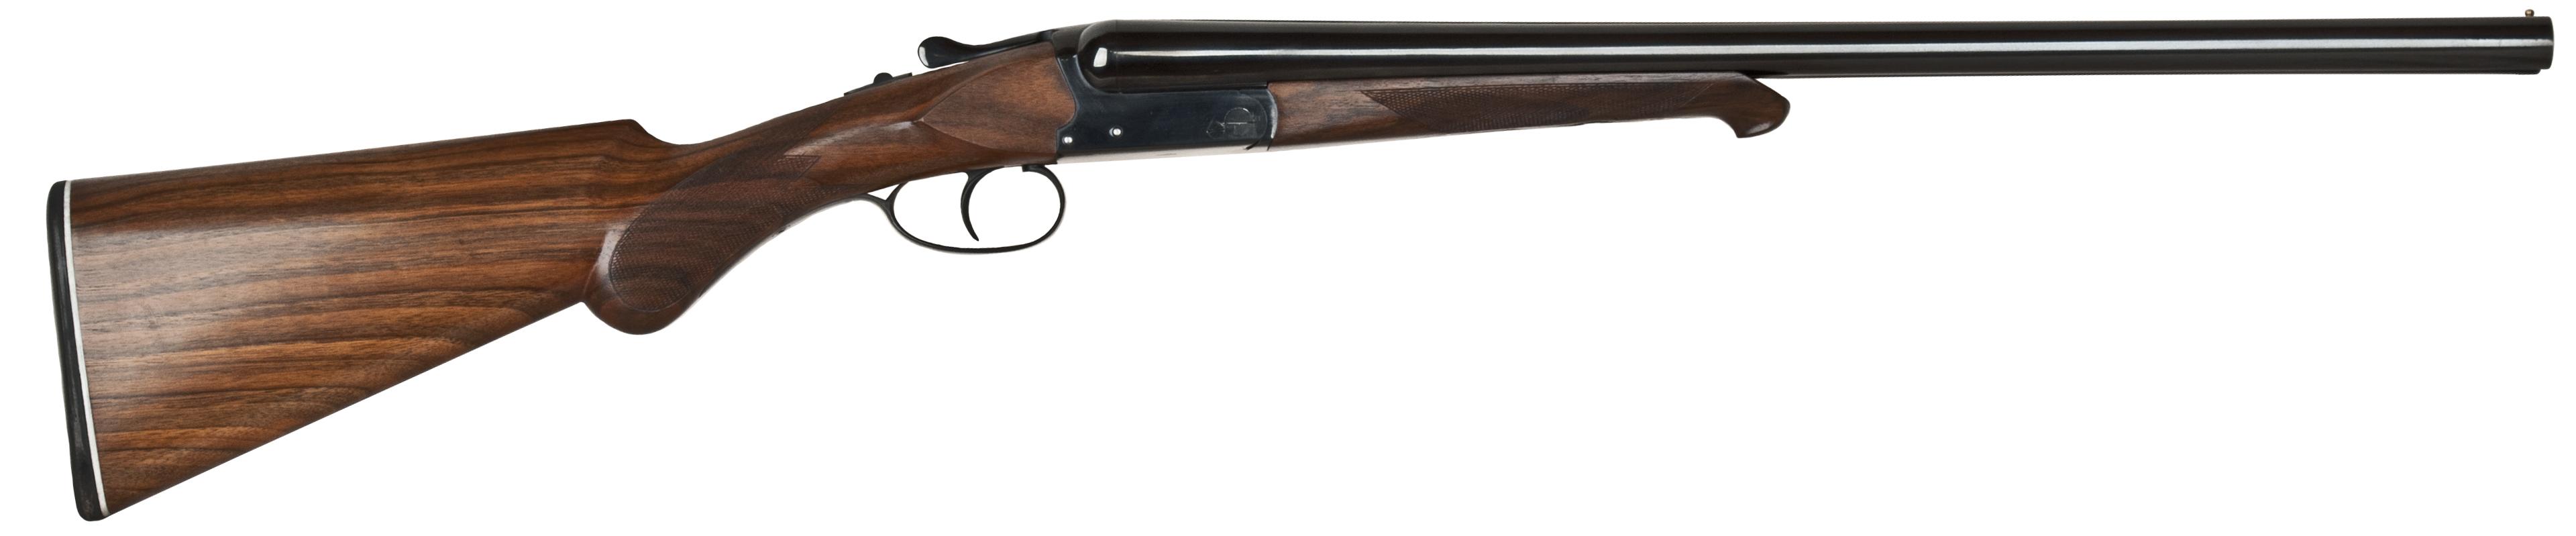 1889 Shotguns